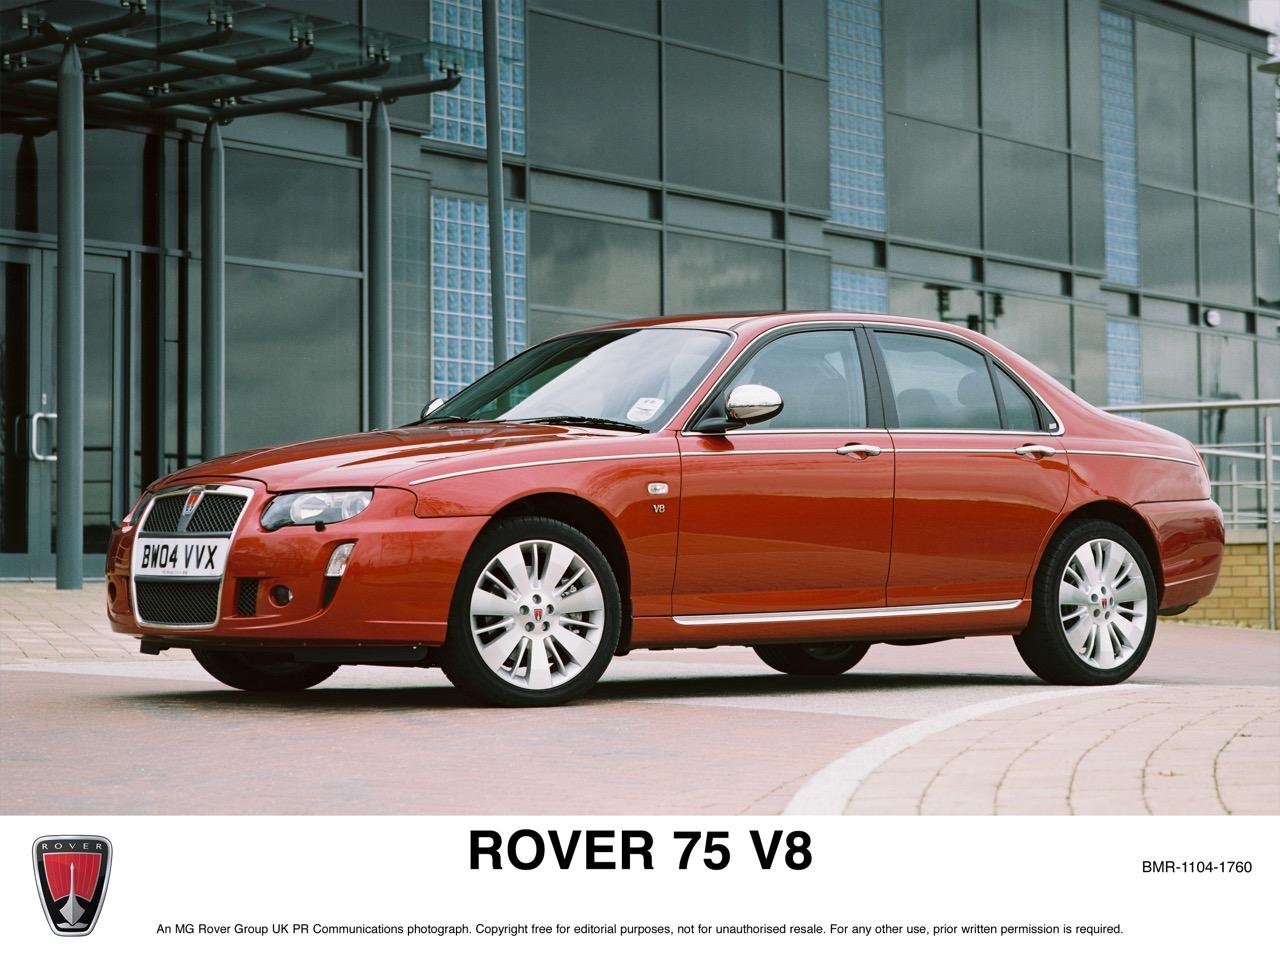 rover 75 mars - photo #17